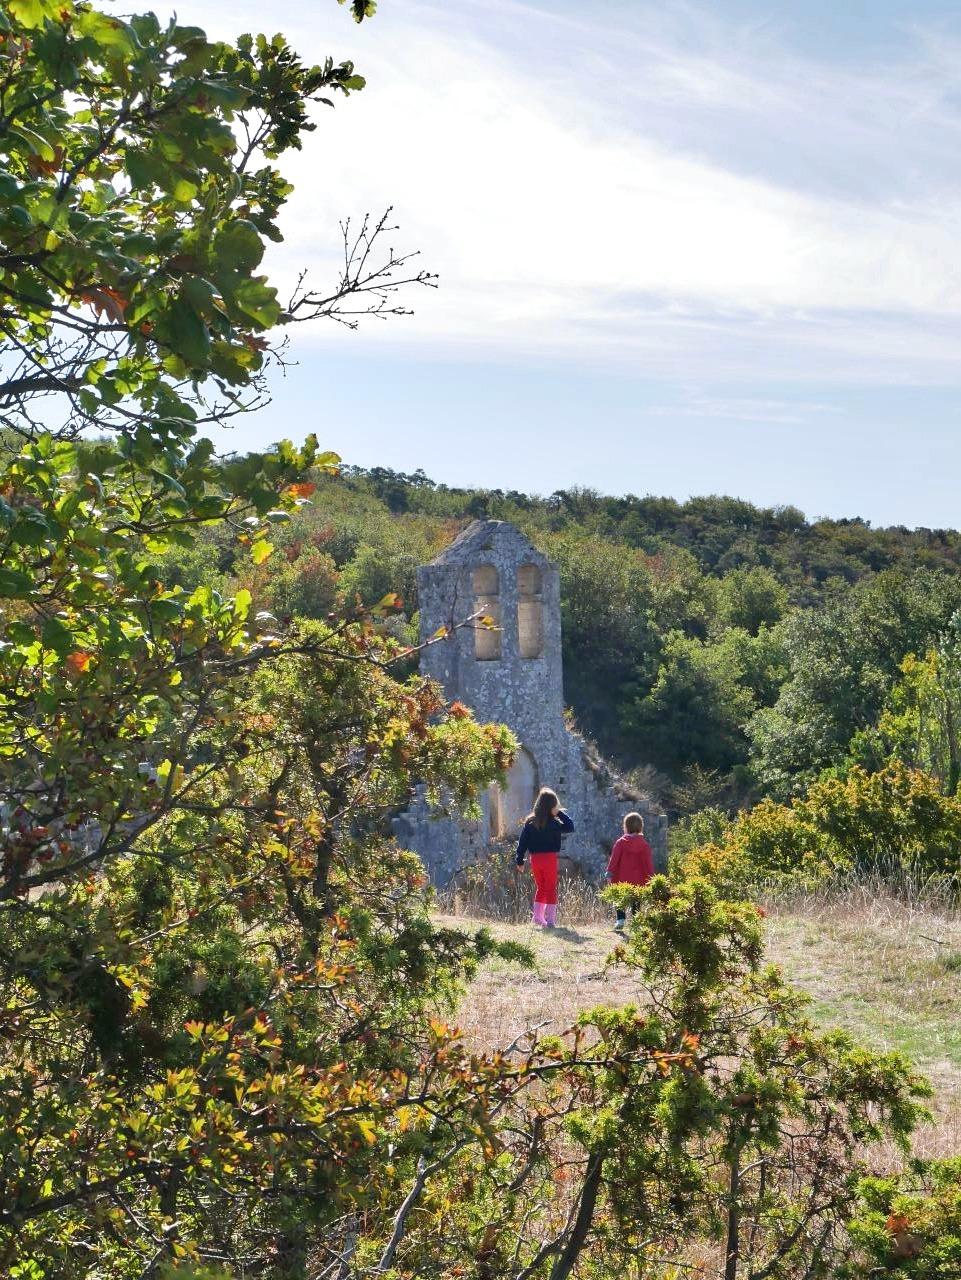 Balade en Drôme, au prieuré d'Aleyrac. L'église Notre-Dame-la-Brune